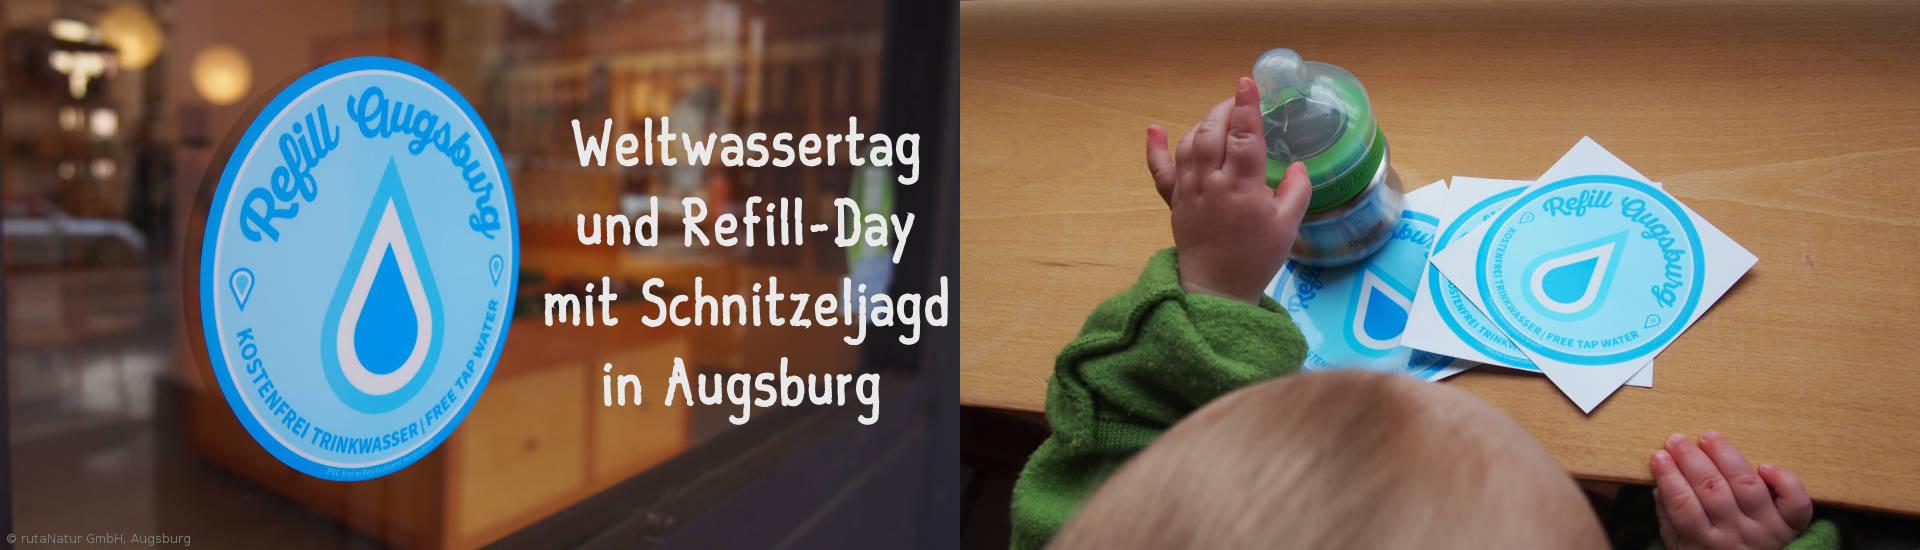 Refill-Banner - Weltwassertag